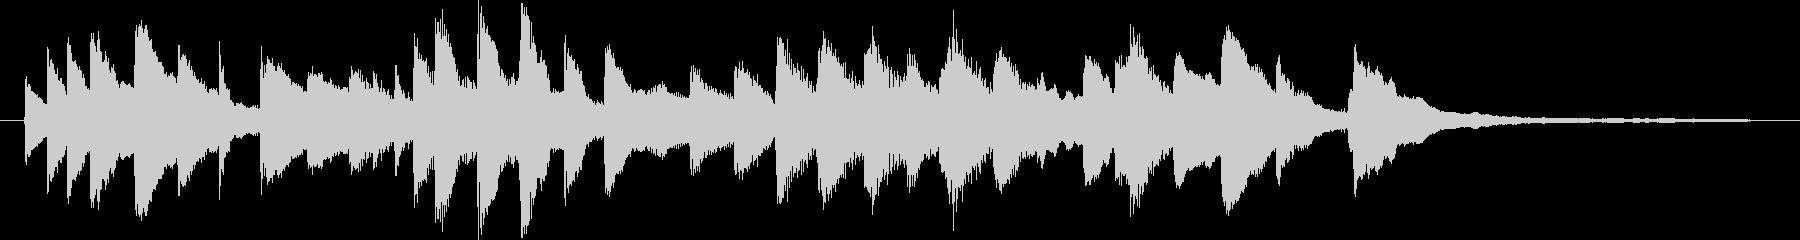 ピュアラブをイメージしたピアノのジングルの未再生の波形